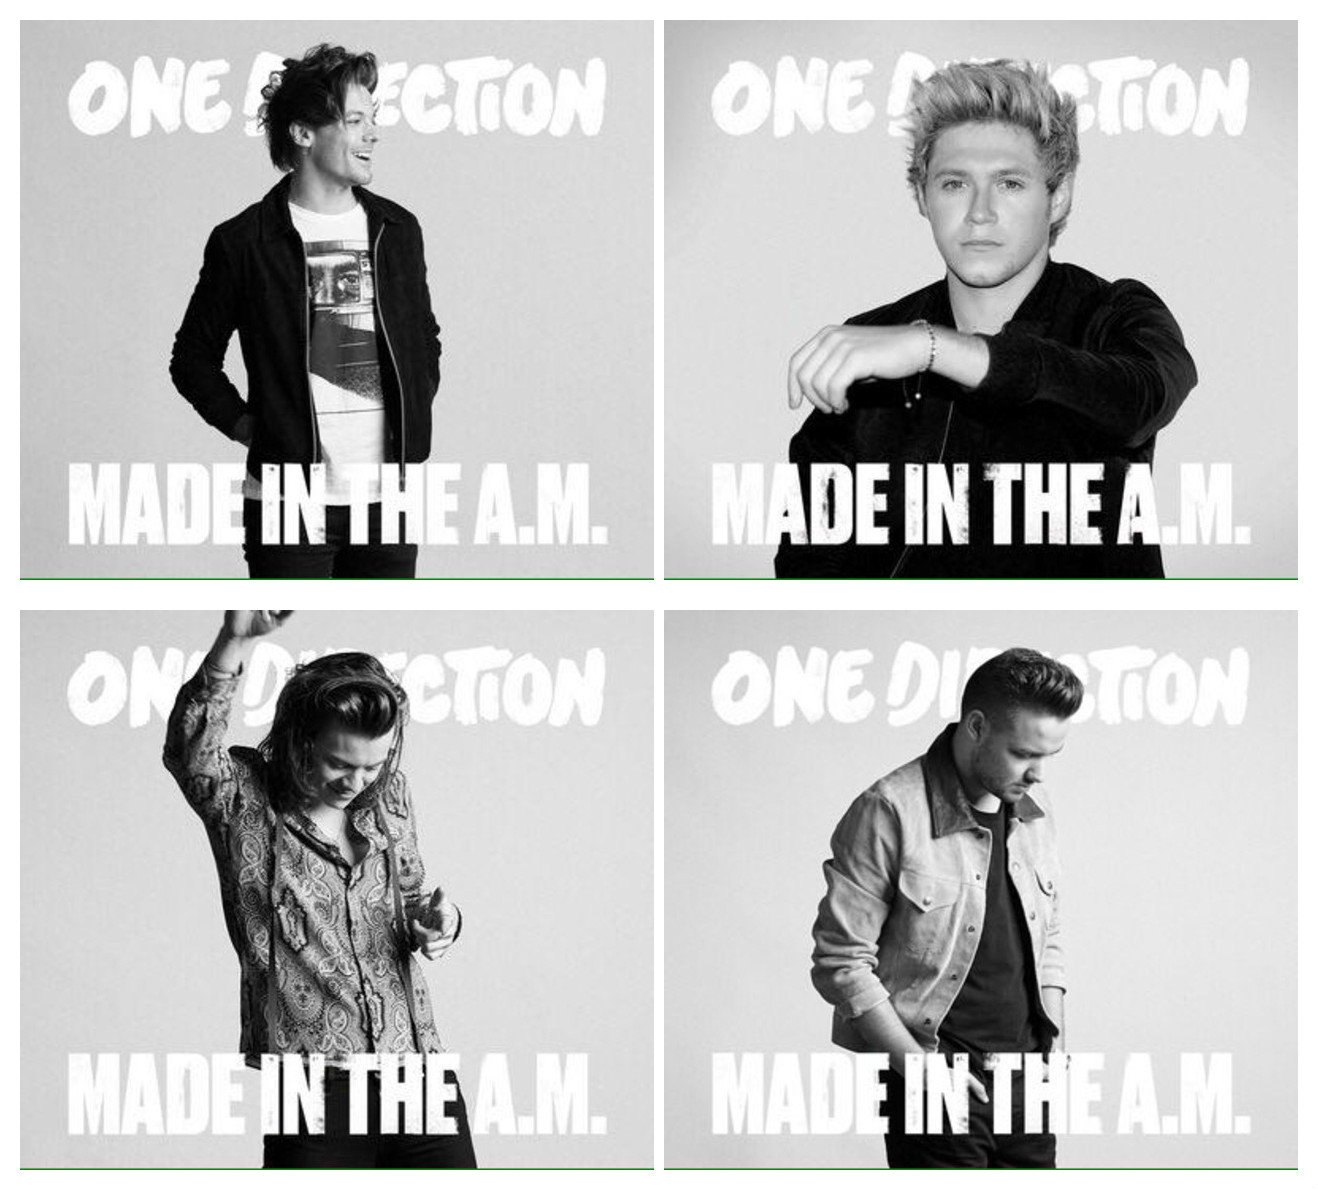 Montagem de quatro fotos dos integrantes da One Direction, em preto e branco. Em ordem, começando da parte superior esquerda: Louis, Niall, Harry e Liam.